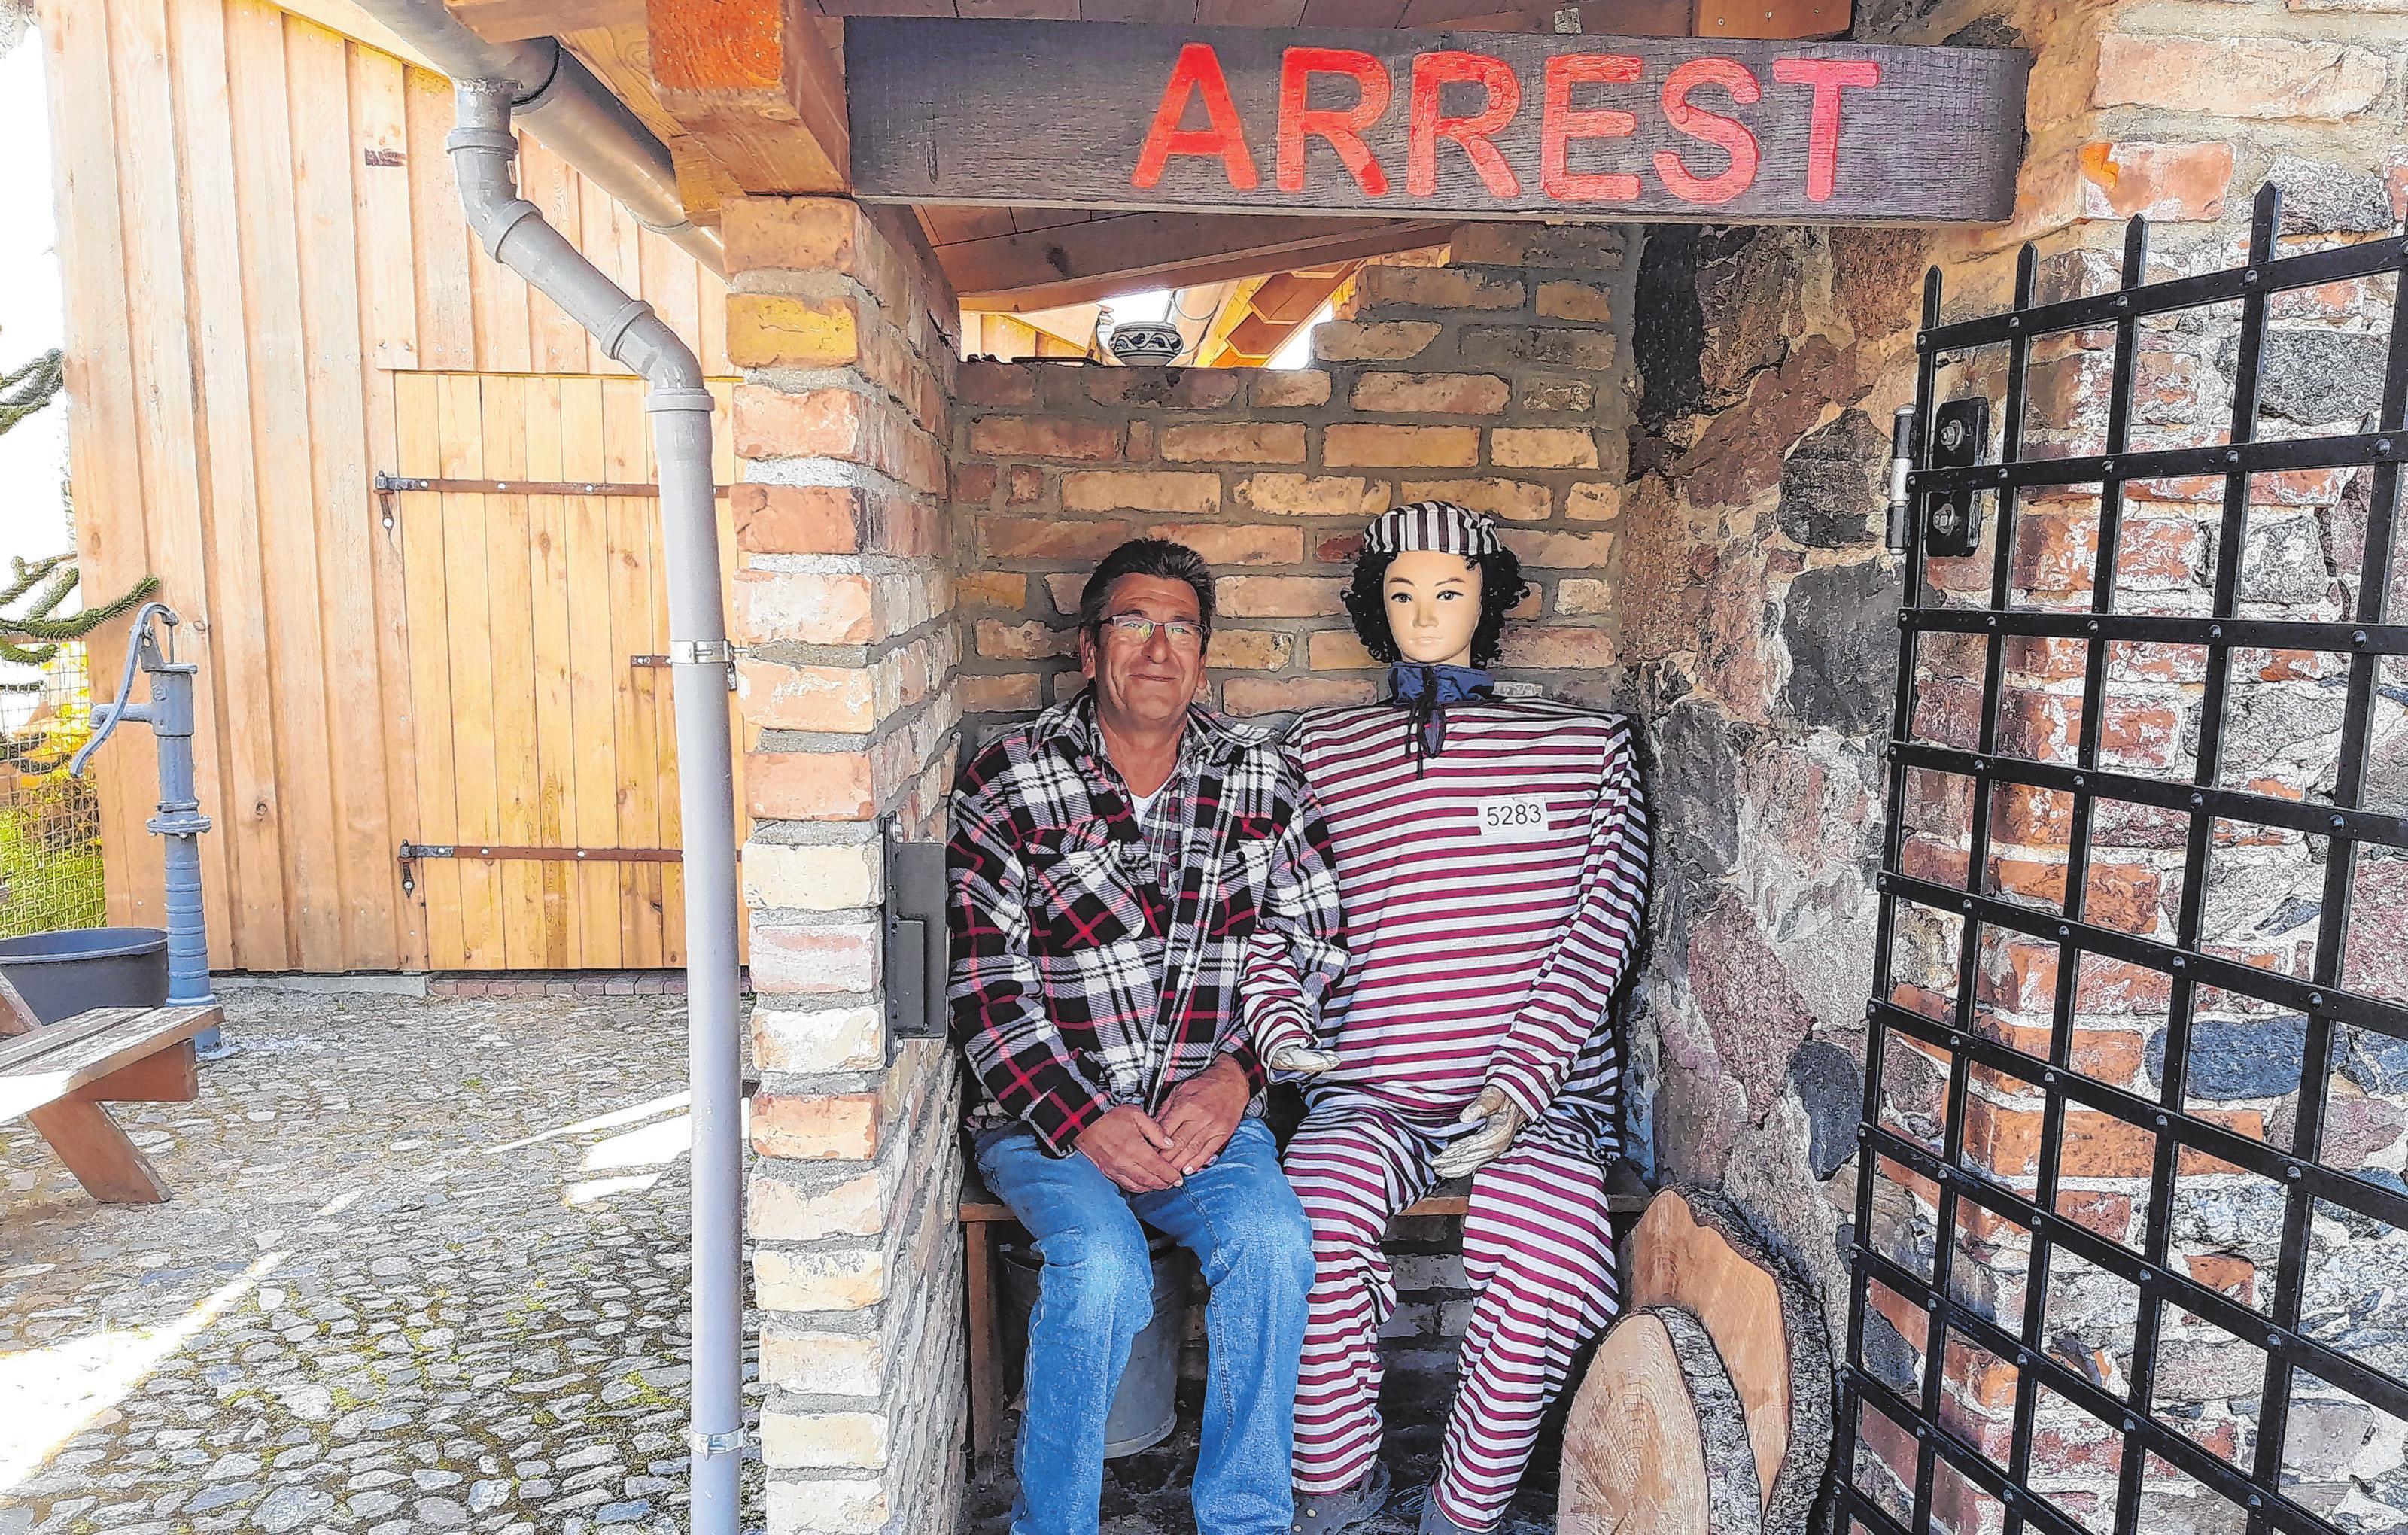 Beliebtes Fotomotiv: Auf das Fundament einer alten Arrestzelle stieß man beim Wiederaufbau nach 2012.